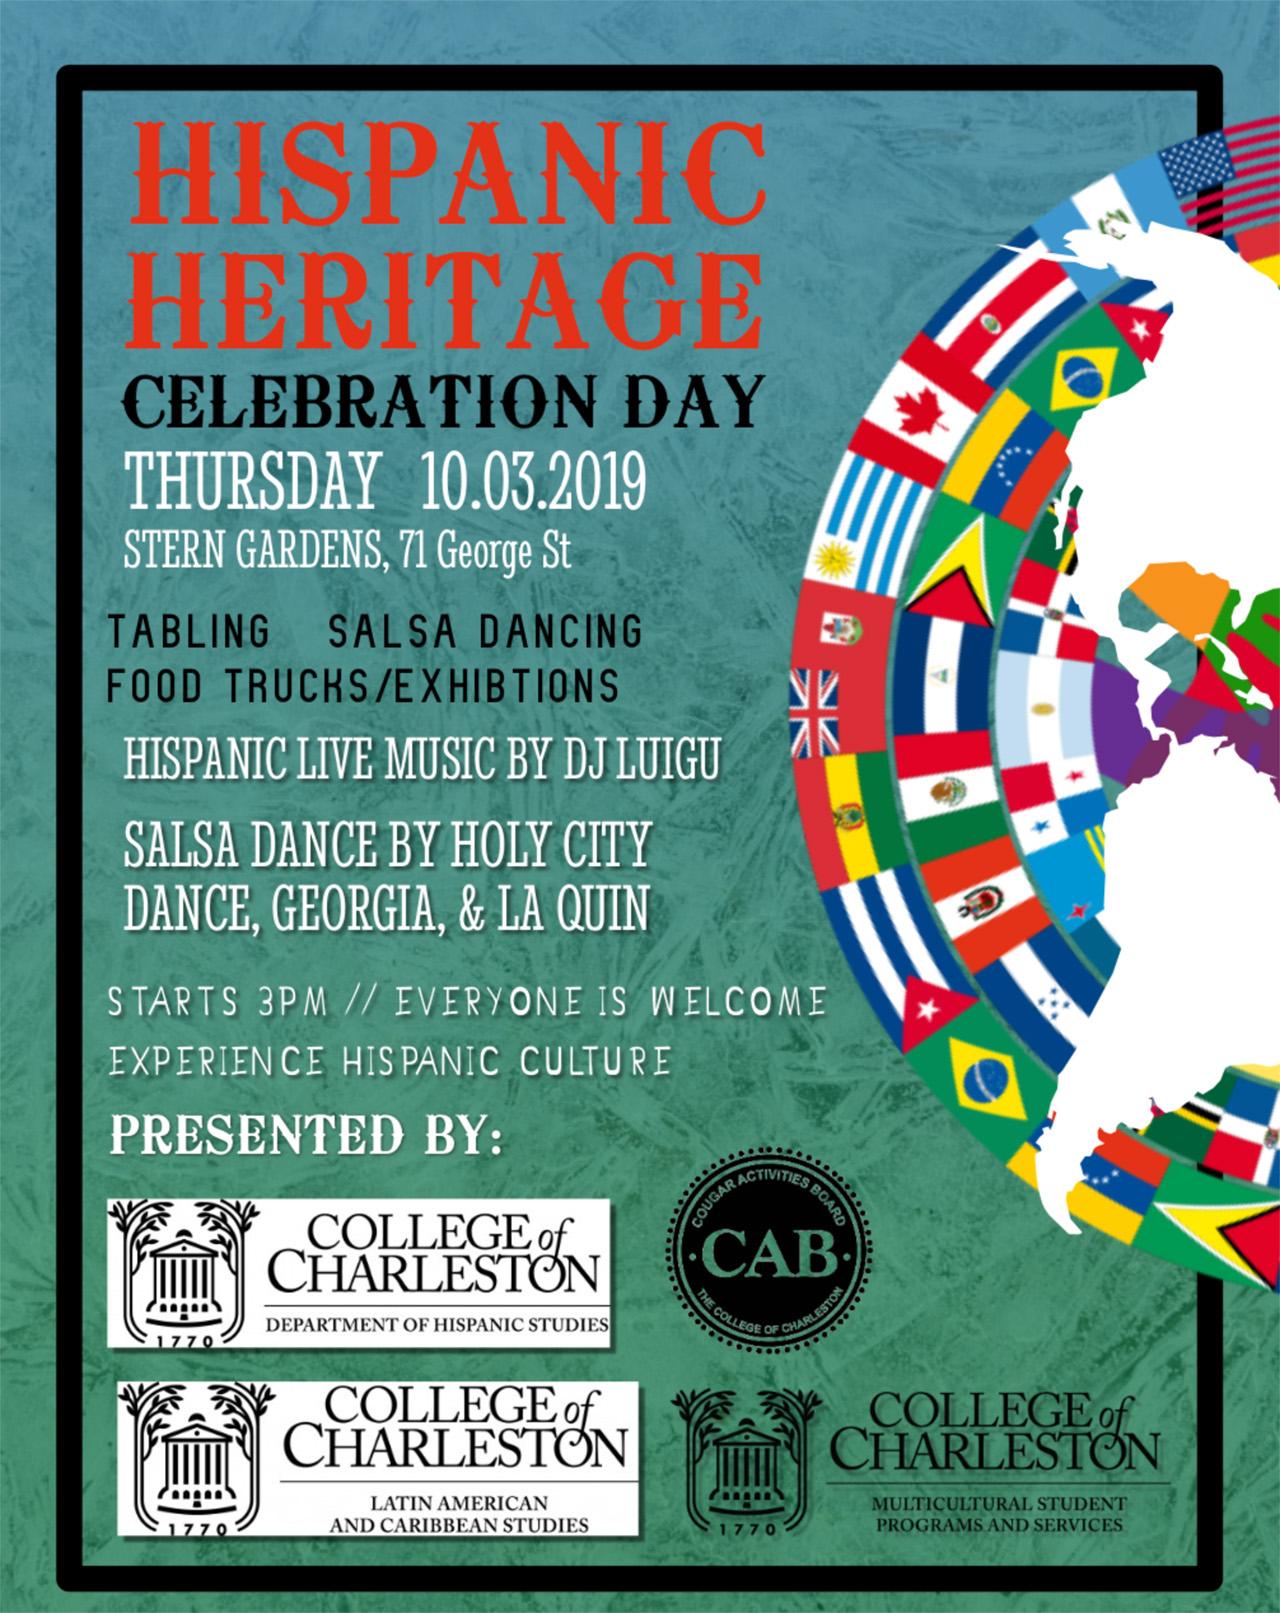 Hispanic Heritage Month Celebration Happening Oct 3